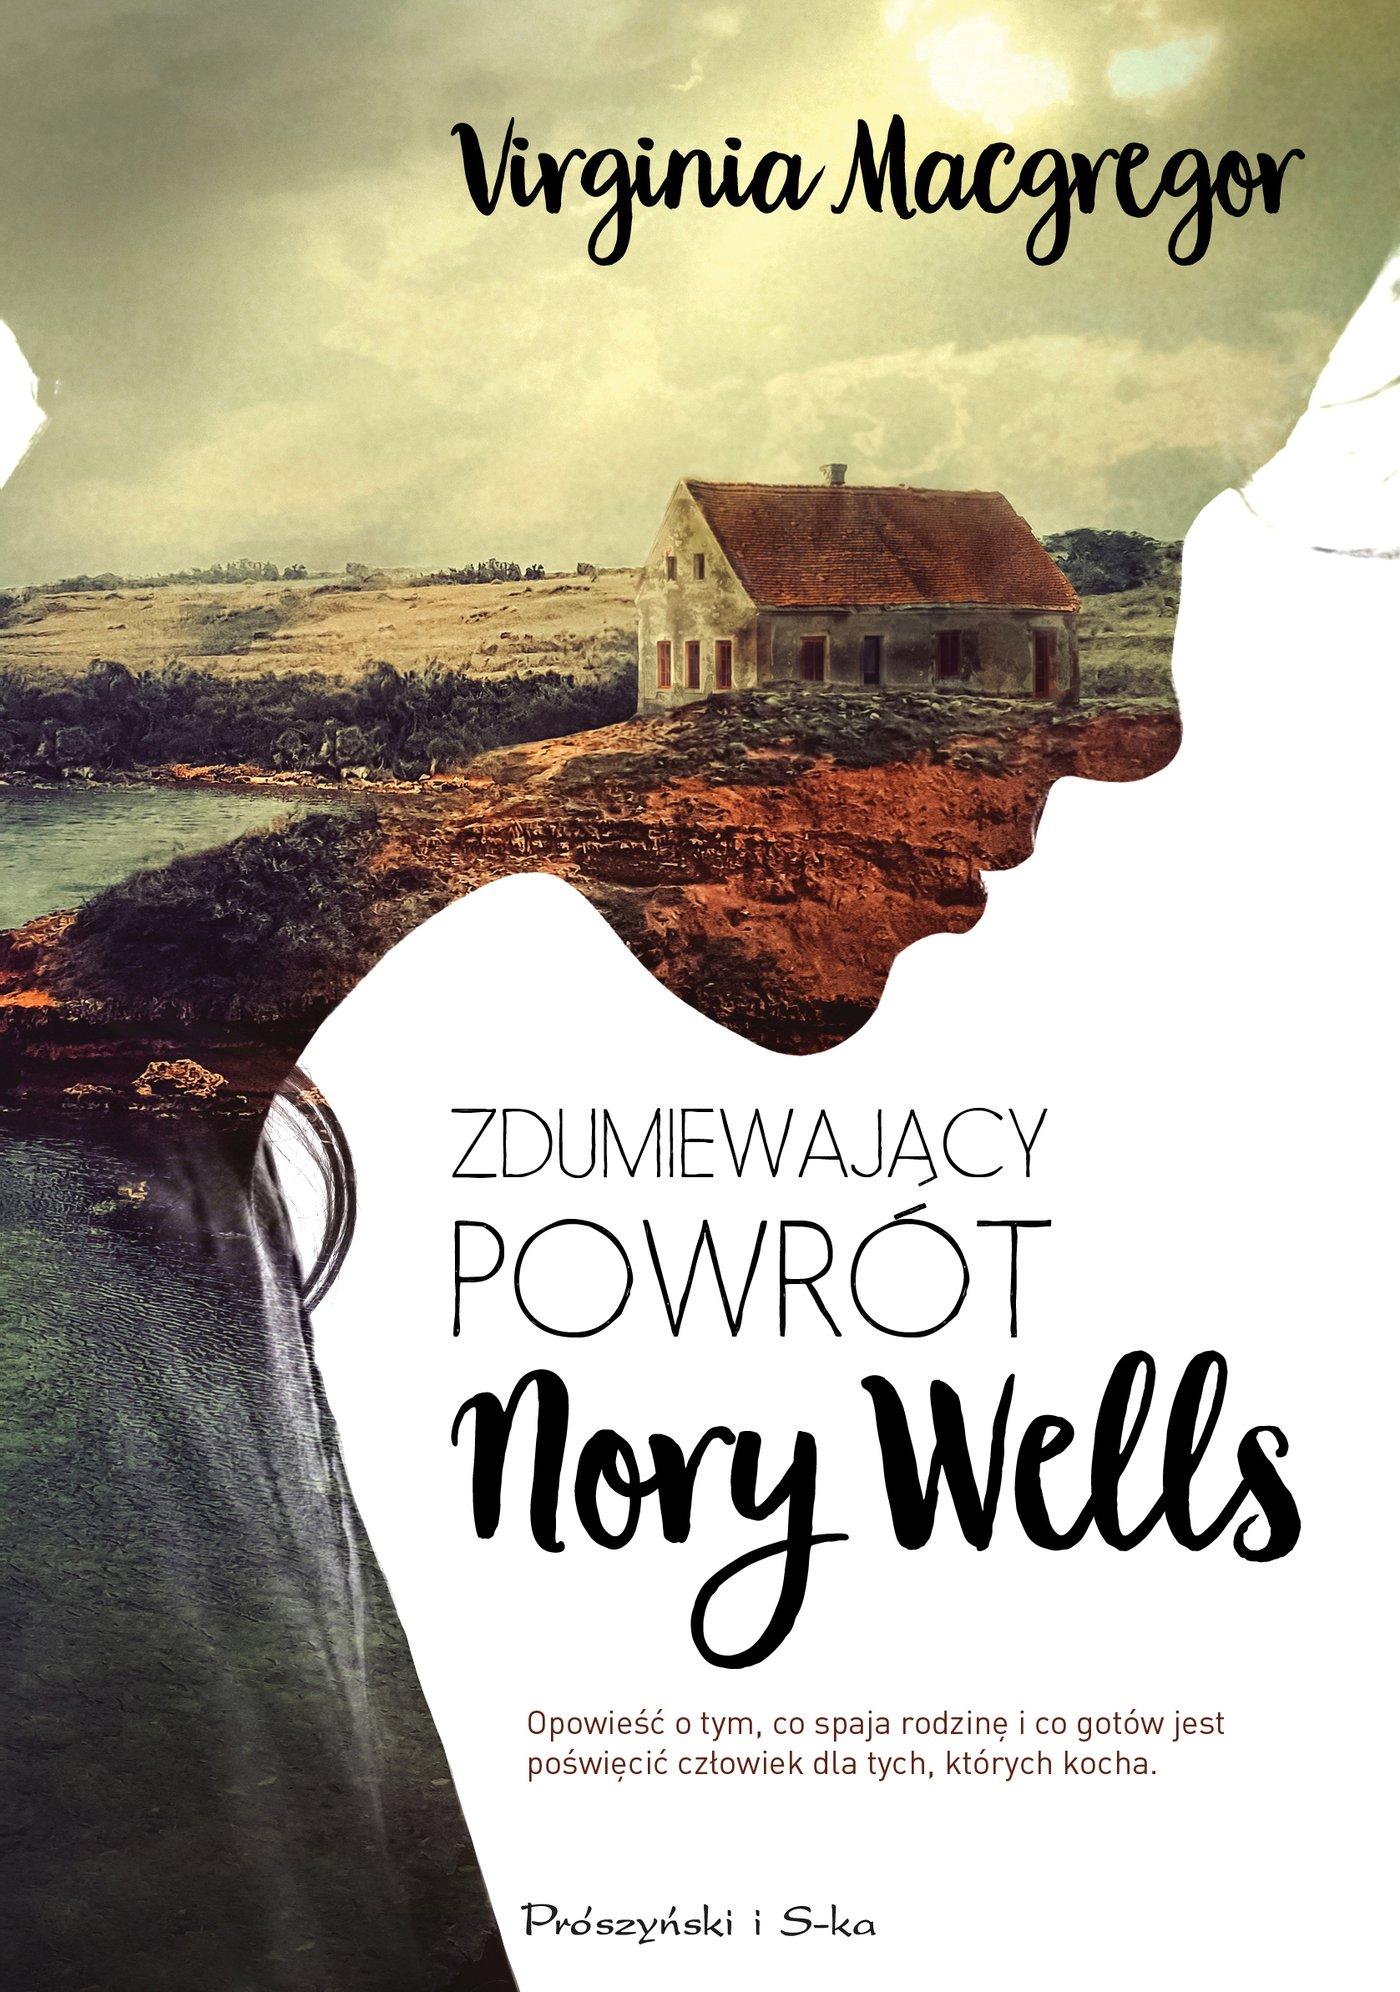 Zdumiewający powrót Nory Wells - Ebook (Książka na Kindle) do pobrania w formacie MOBI